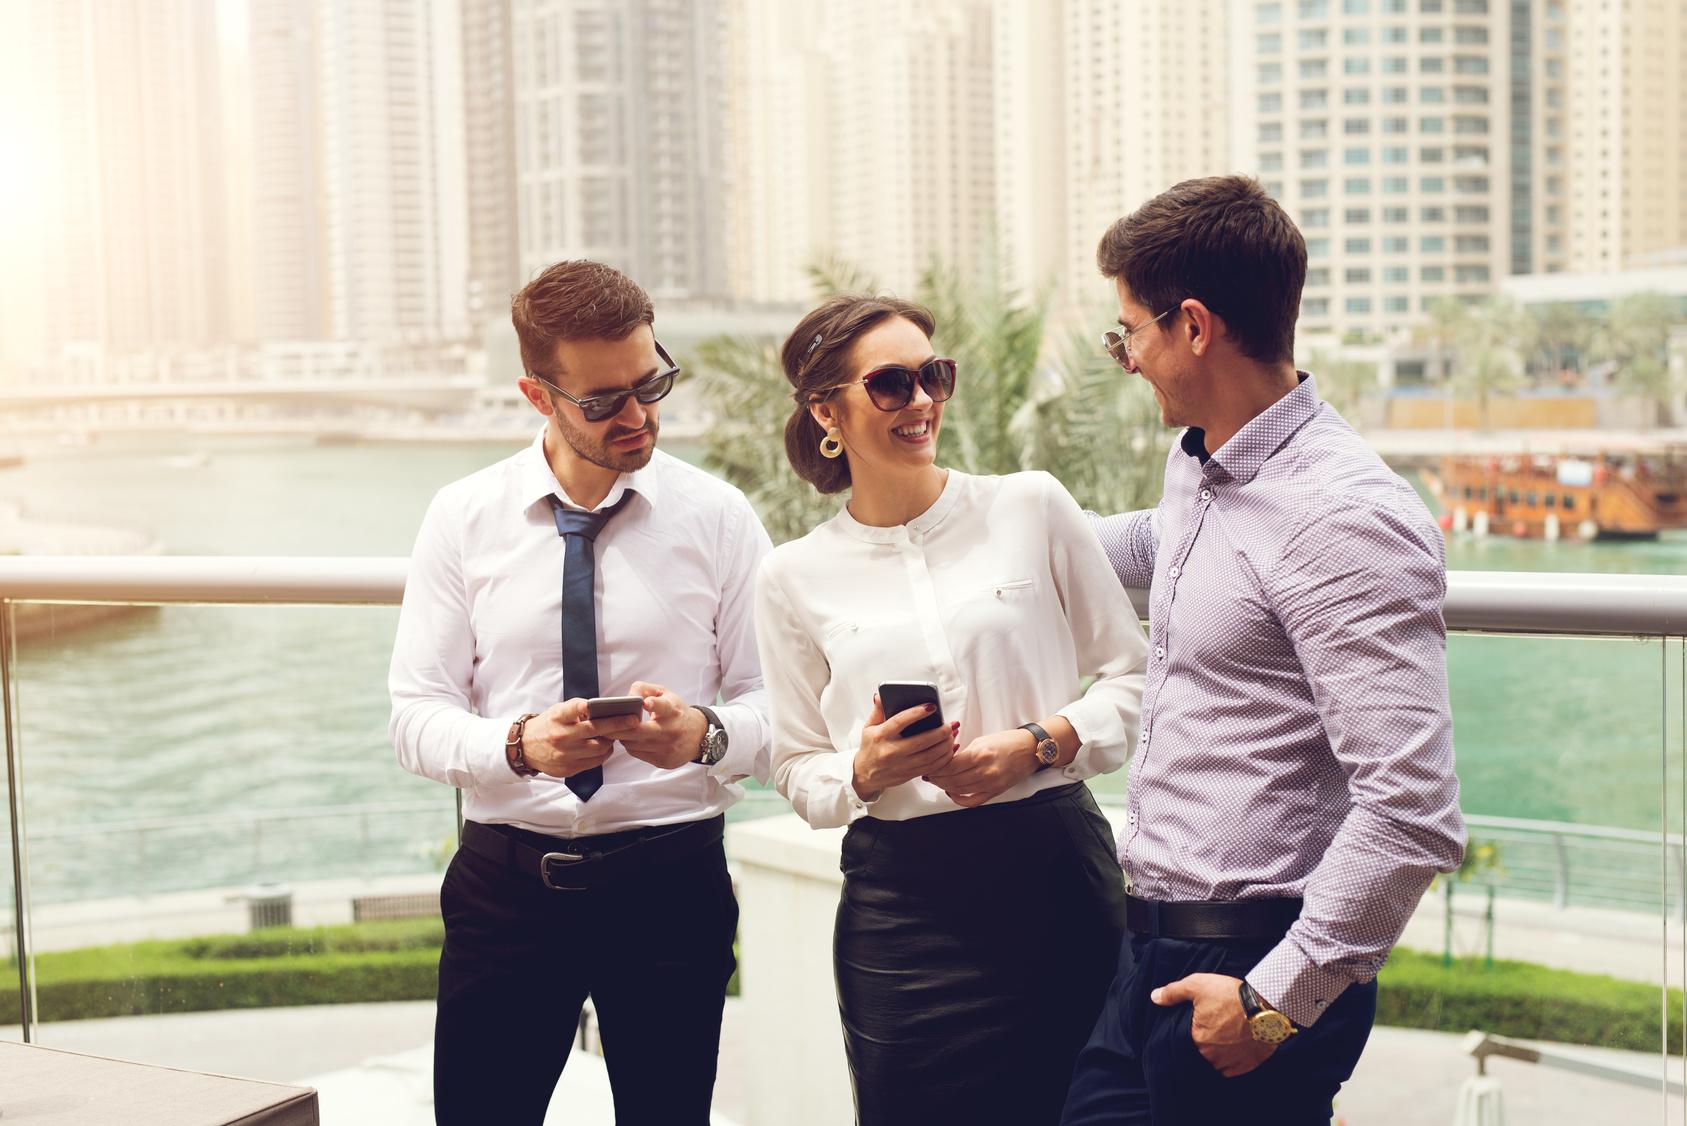 Fachkräftemangel – Wie Social Media Plattformen helfen können